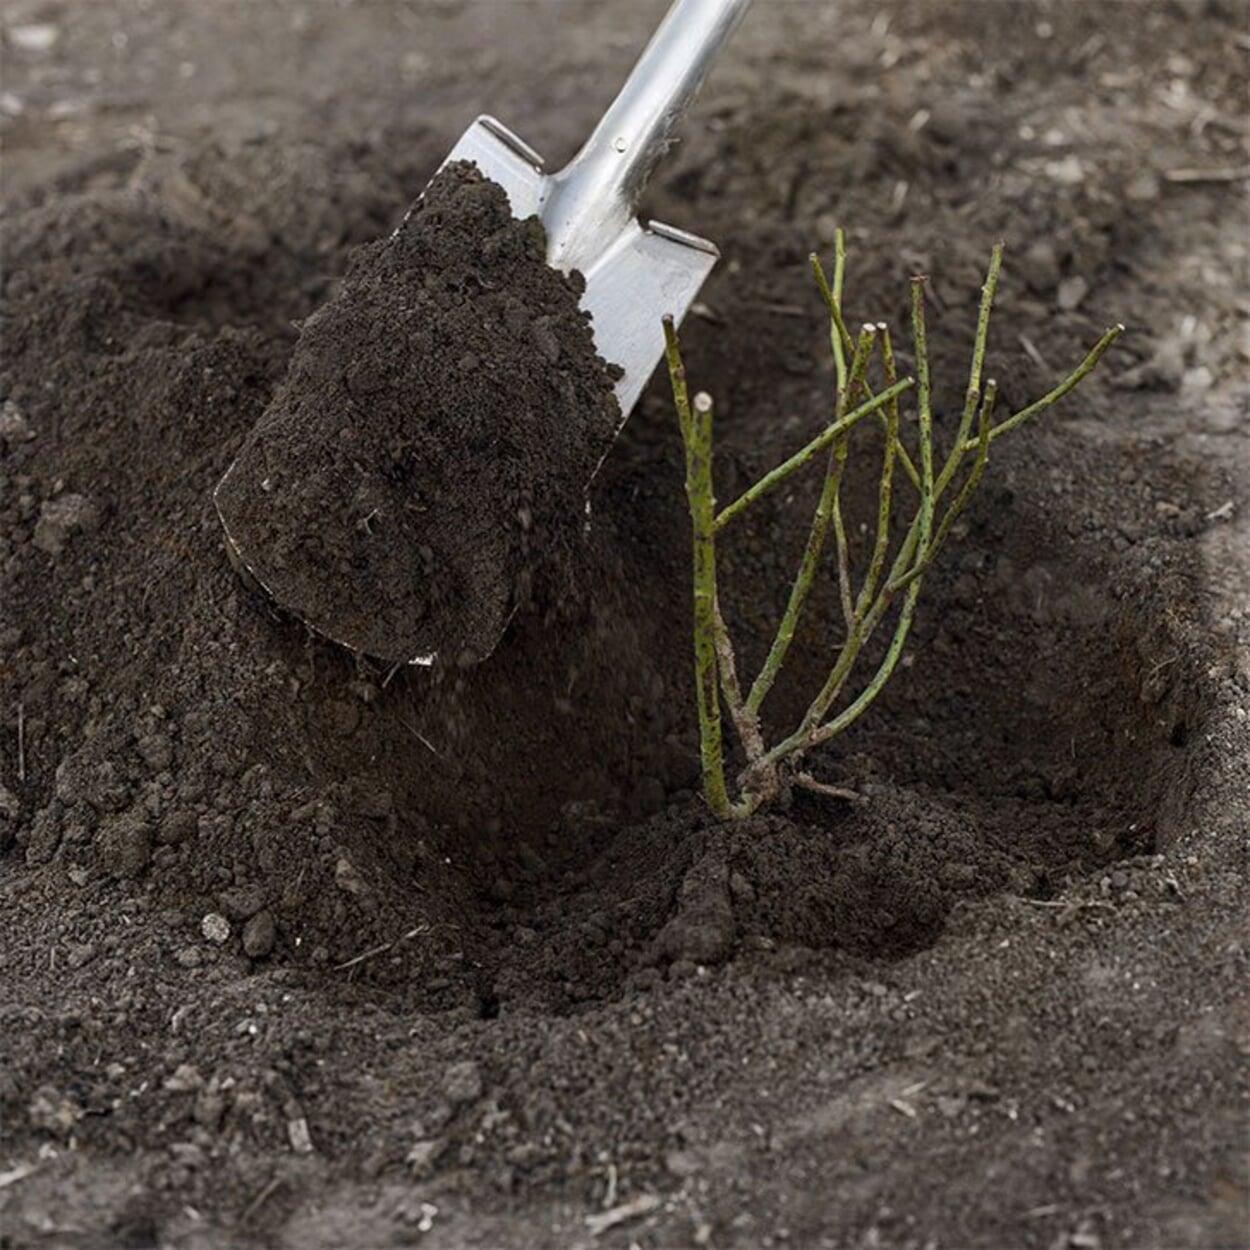 Mit Erde auffüllen; die Veredelungsstelle muß sich am Ende etwa 5 cm tief im Boden befinden